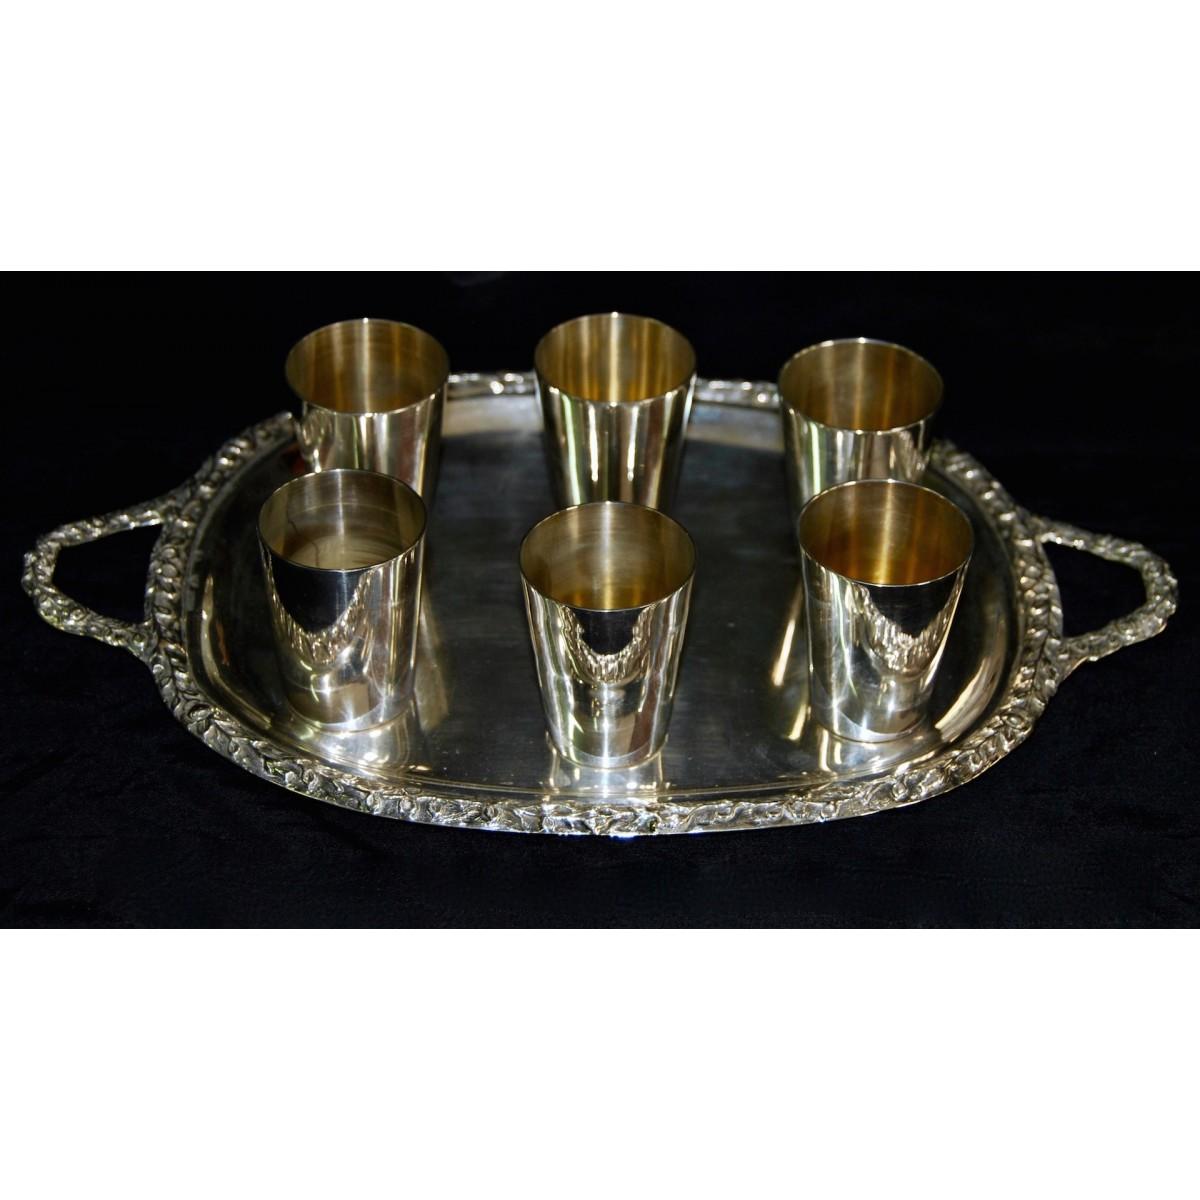 Bandeja con seis vasos de plata, principio del siglo XX